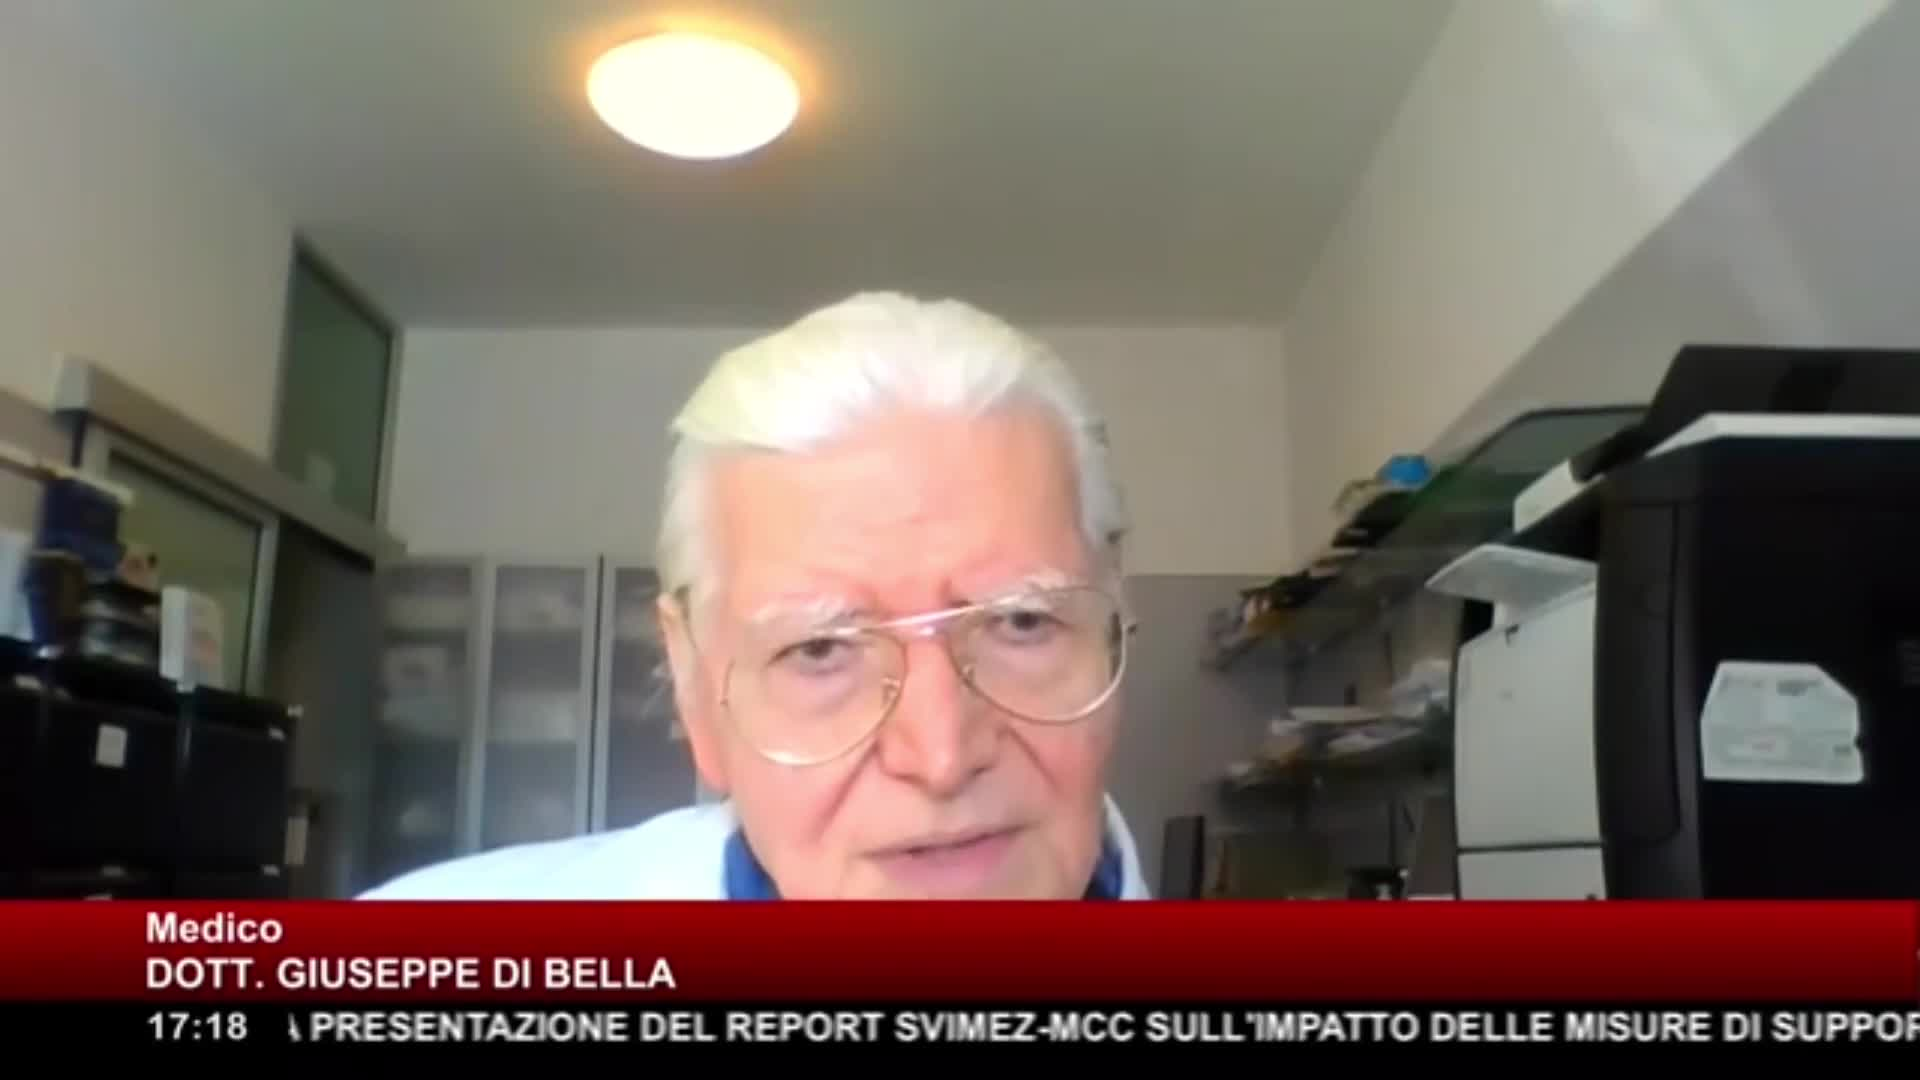 DI BELLA: I VACCINI POSSONO UCCIDERE